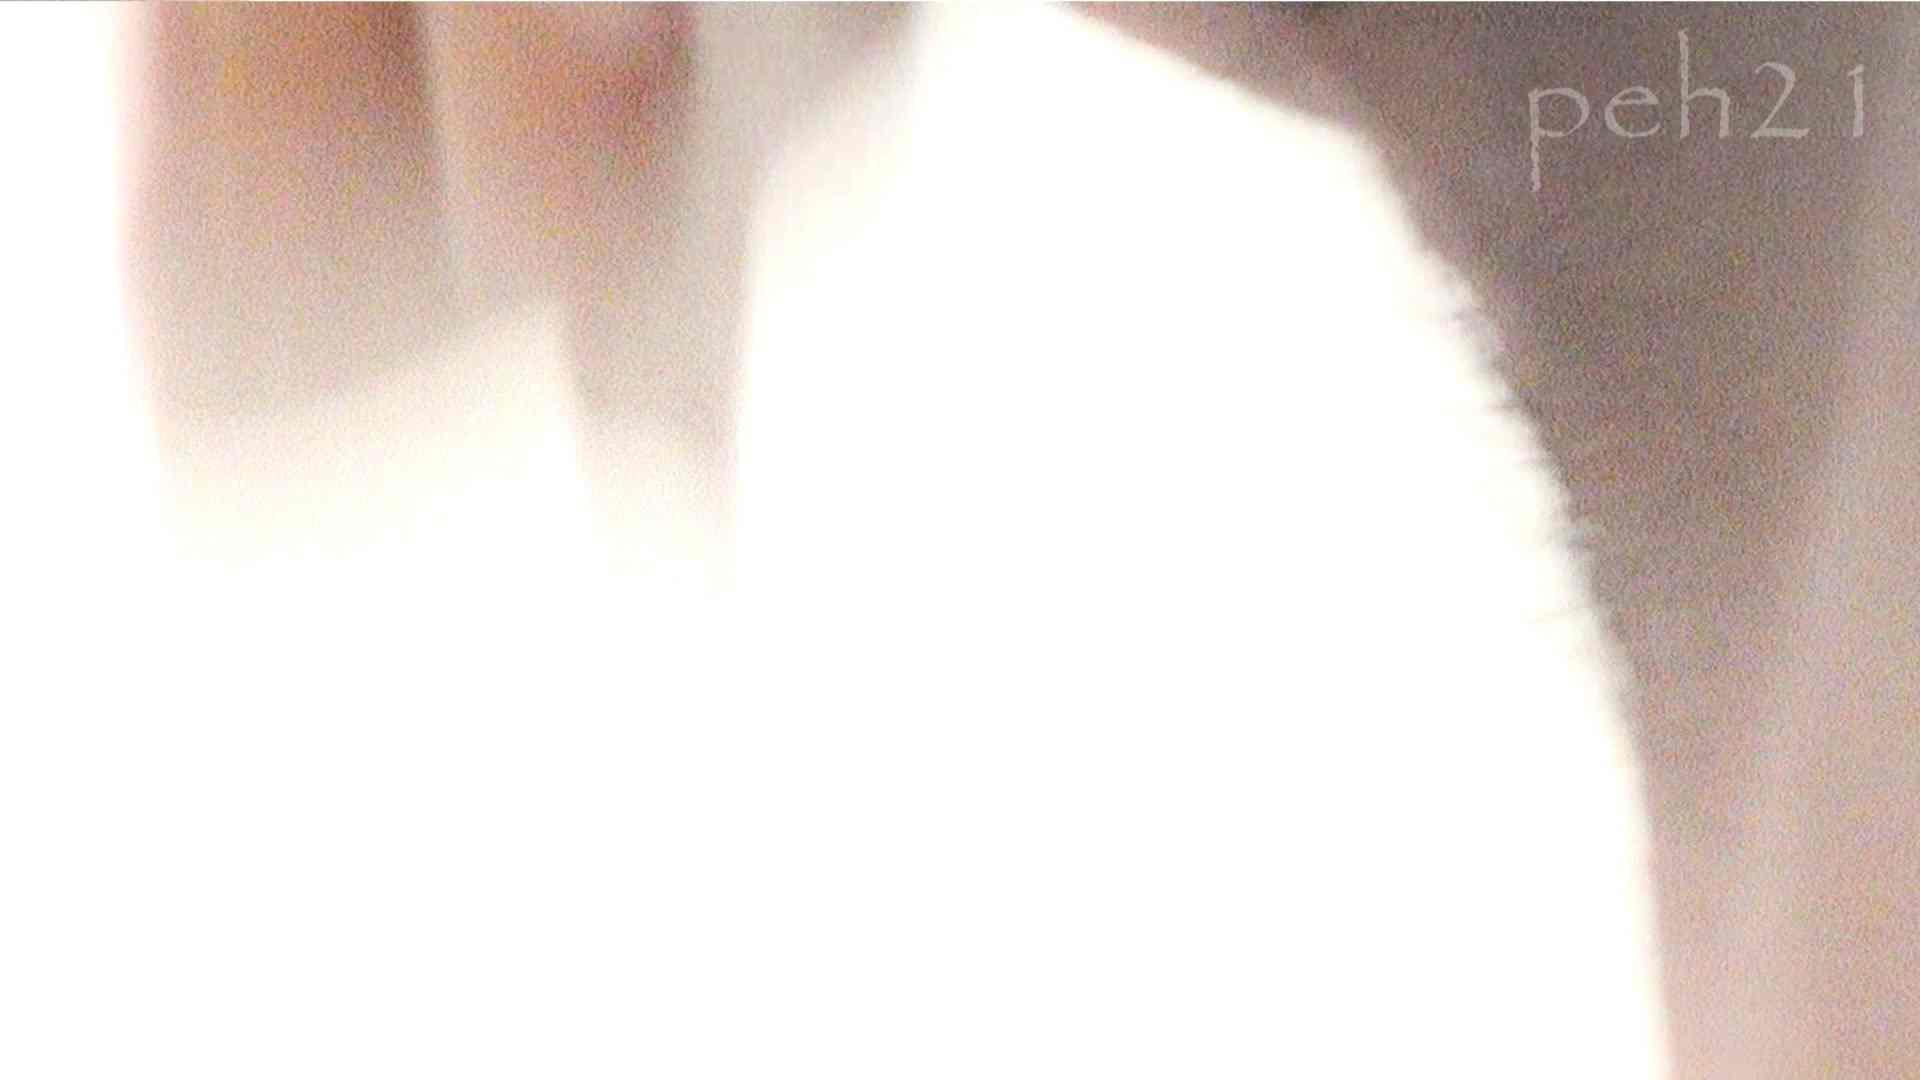 ※100個限定販売 至高下半身盗撮 プレミアム Vol.21 ハイビジョン 盗撮エロすぎ   OL  68連発 37